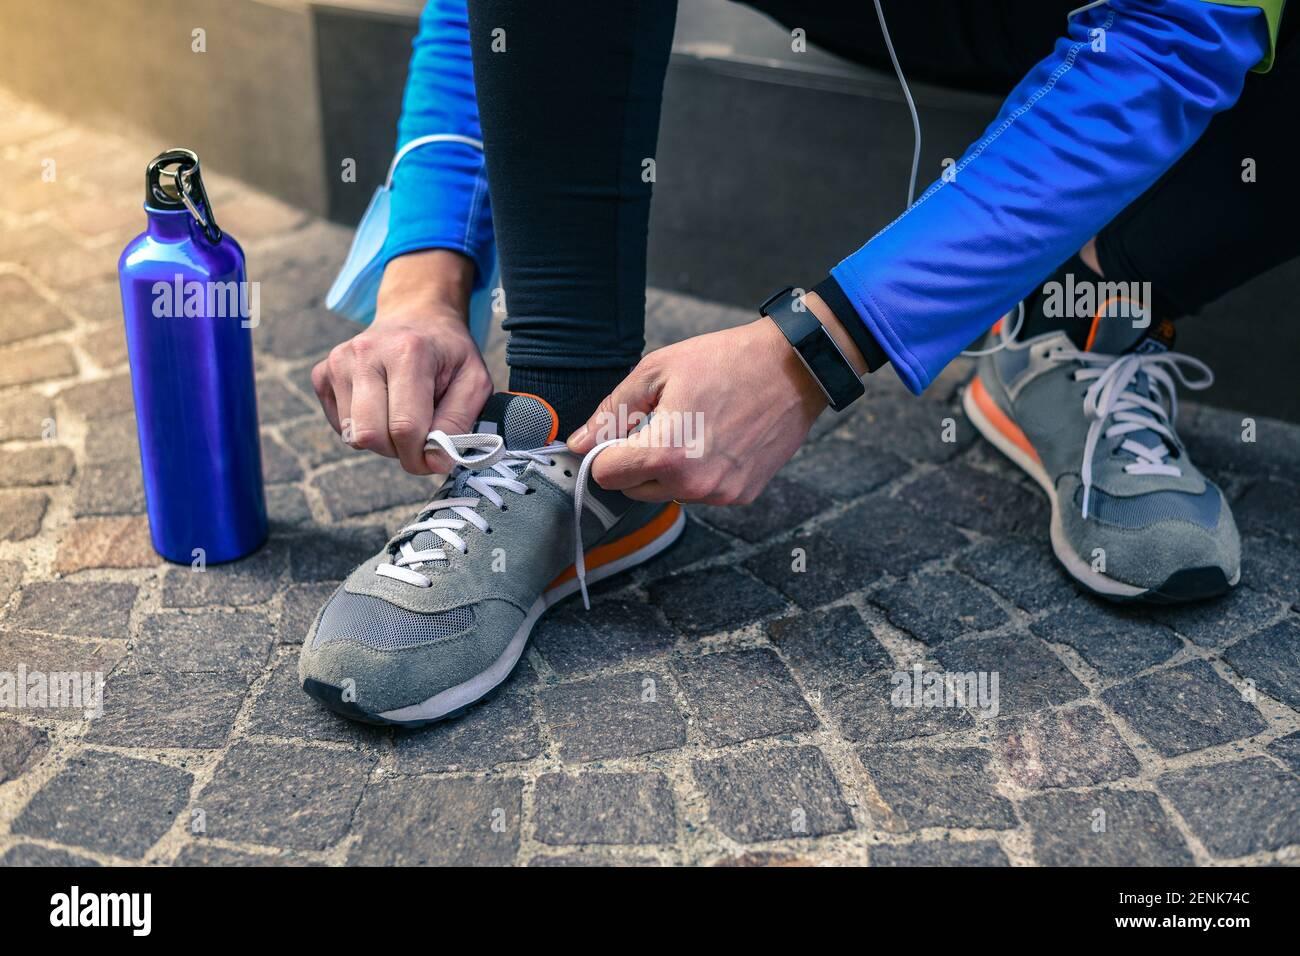 Varón atando sus zapatos de running escuchando música antes del entrenamiento. Hombre descansando durante el jogging. Corredor con teléfono móvil conectado a una grabación de reloj inteligente Foto de stock